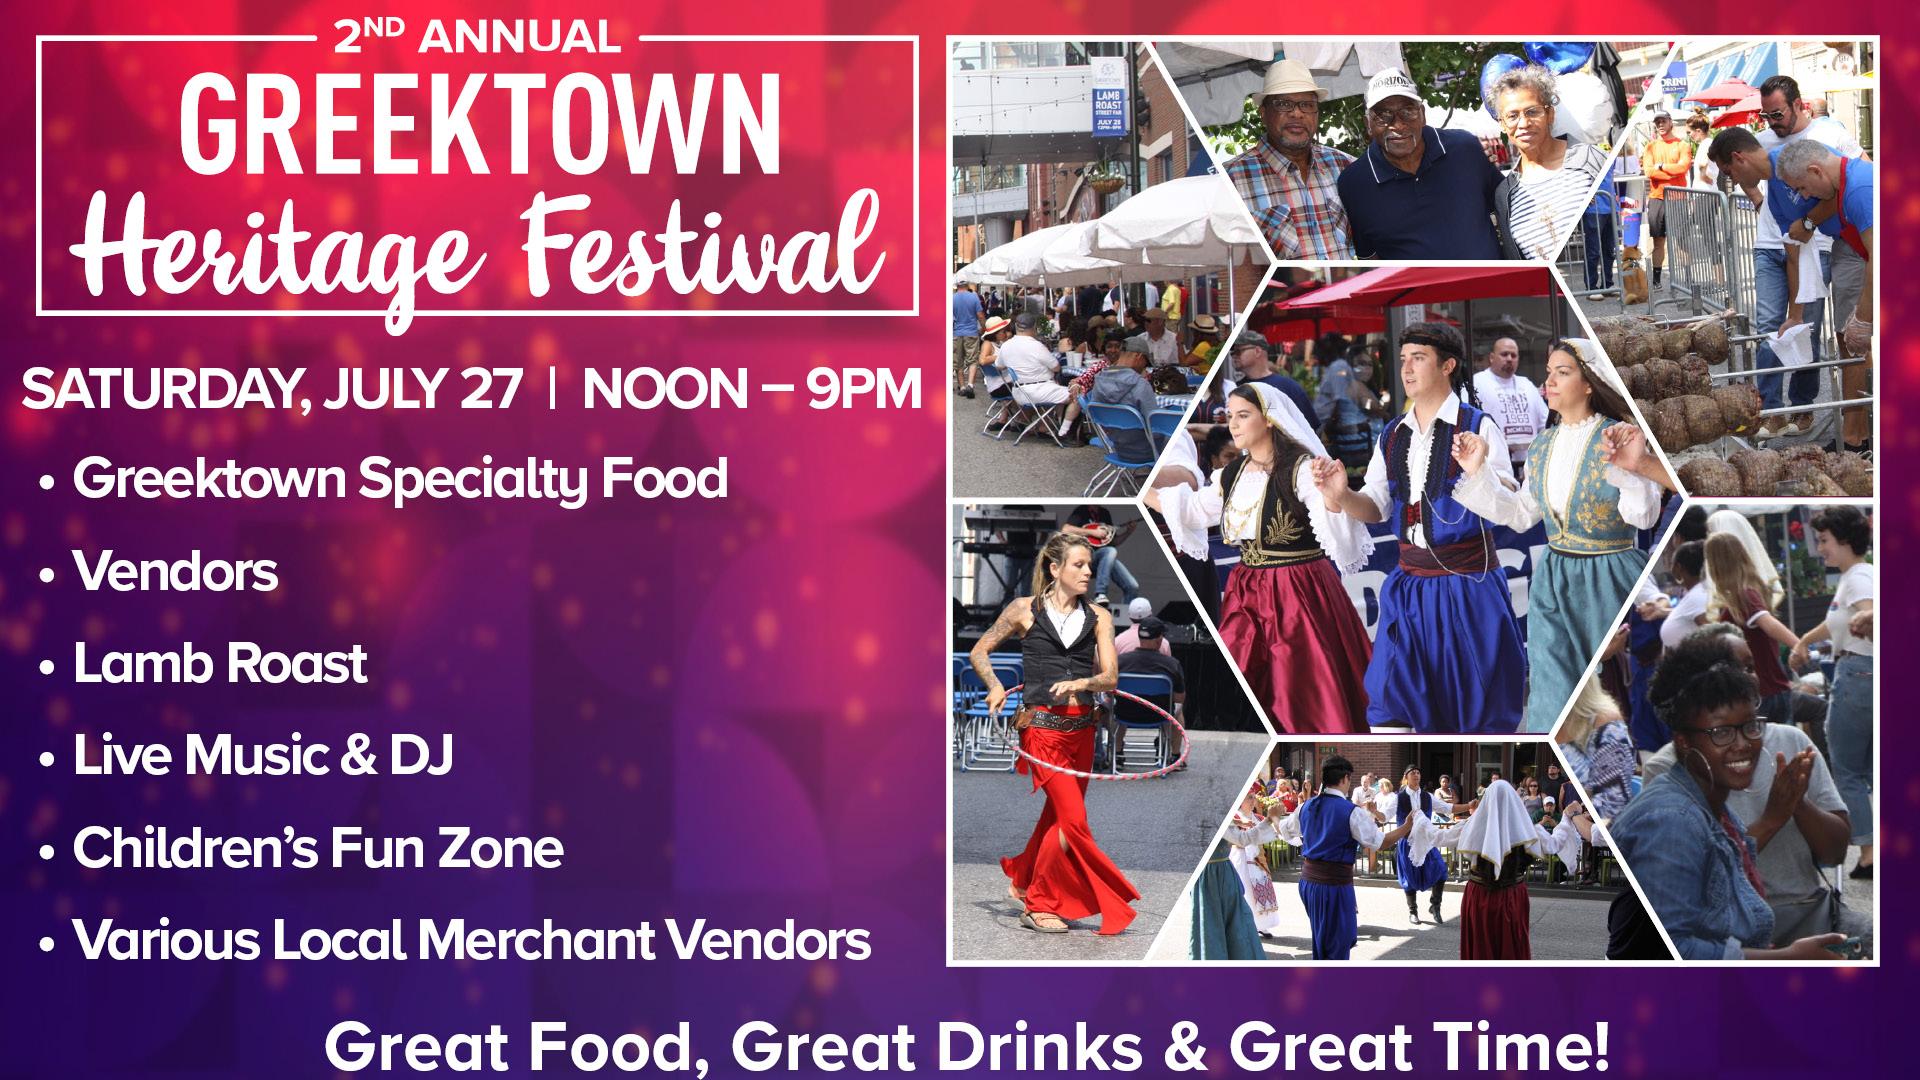 GreektownHeritageFestival2019.jpg